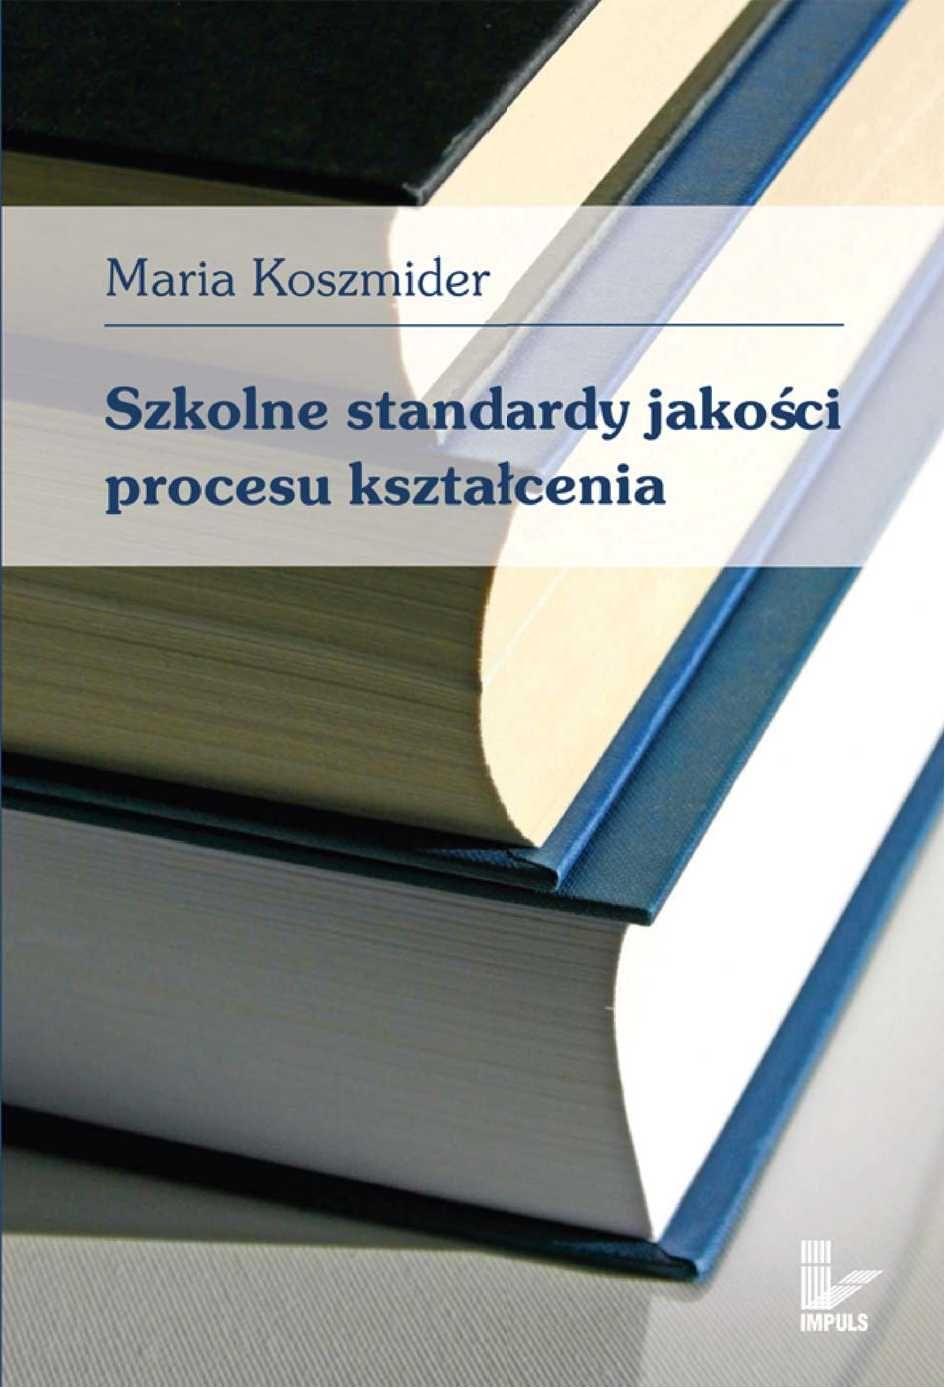 Szkolne standardy jakości procesu kształcenia - Ebook (Książka PDF) do pobrania w formacie PDF